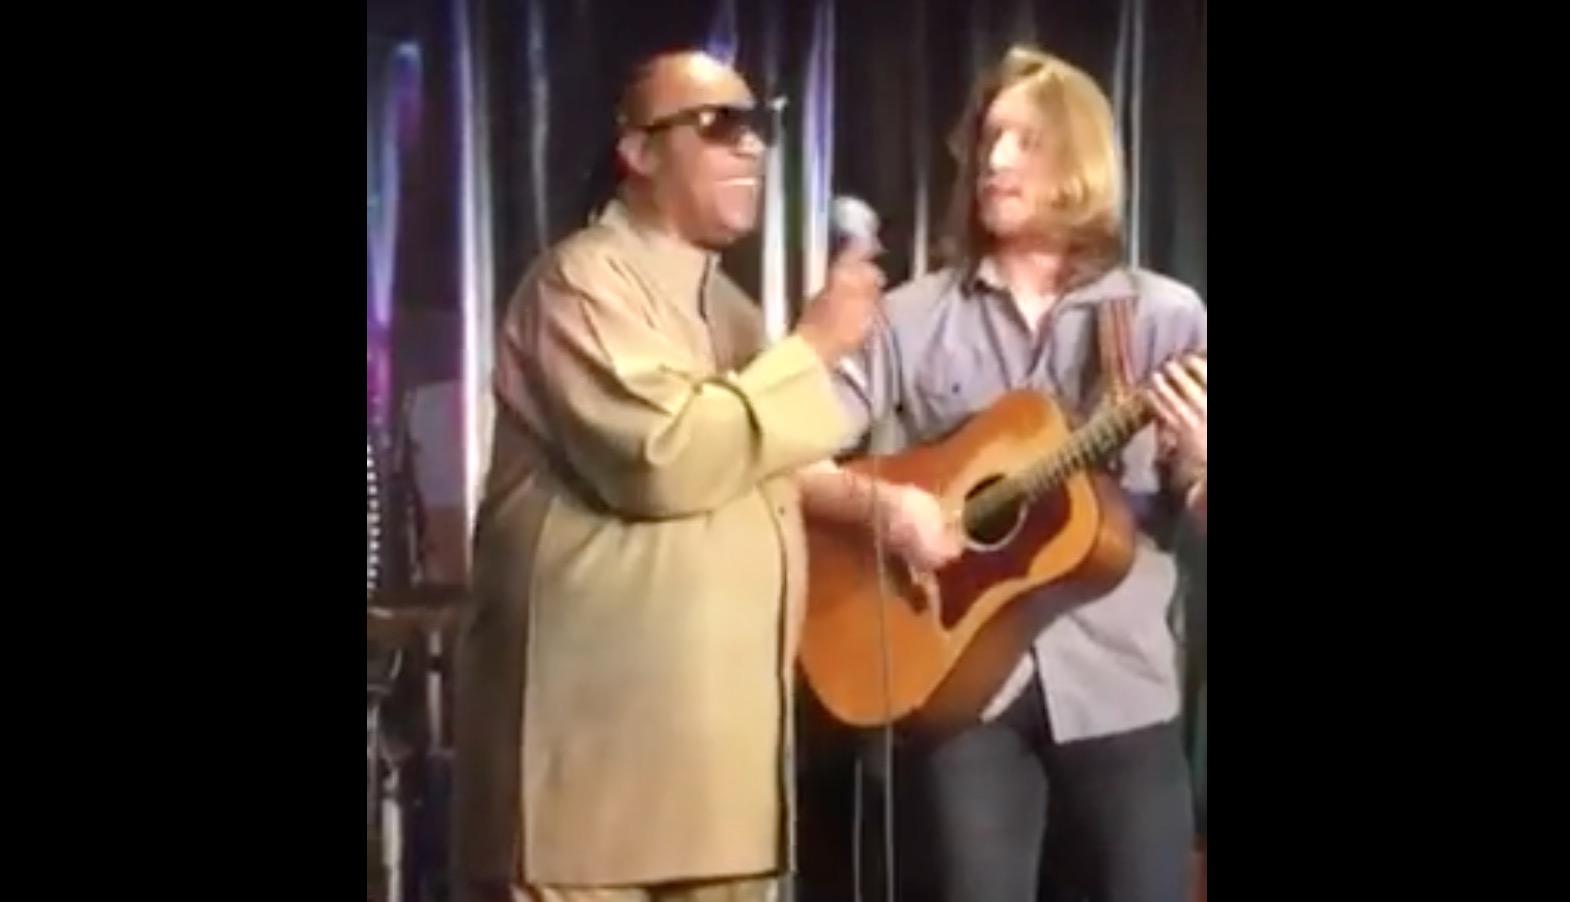 ホテルのロビーでスティーヴィー・ワンダーの曲を演奏していた青年。すると通りかかった本人が飛び入り参加!!